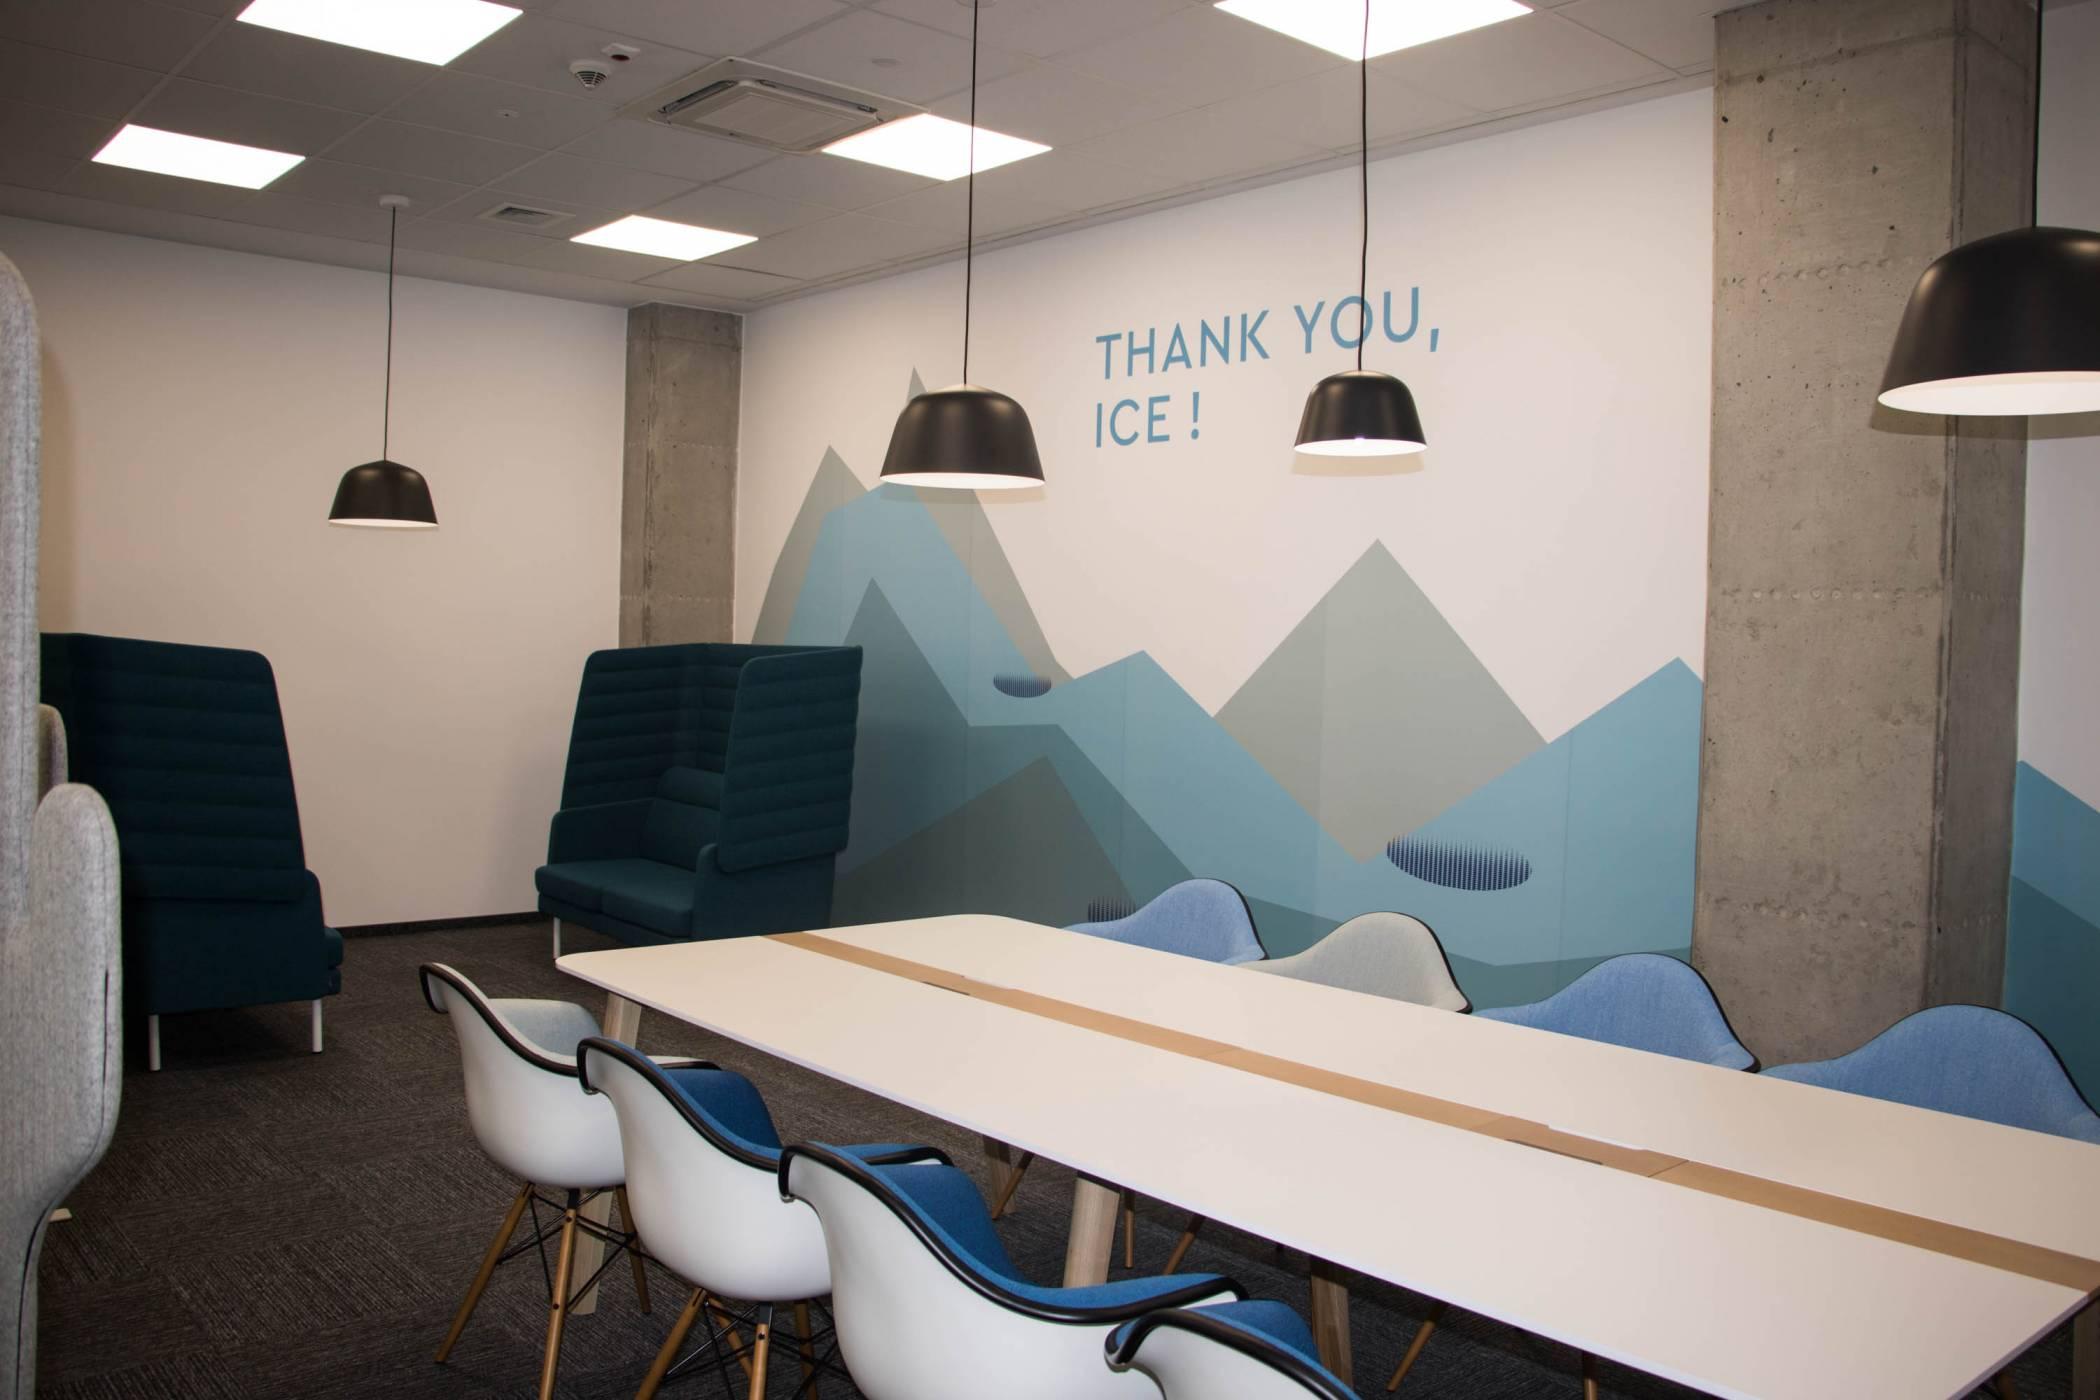 Progress се мести в нова офис сграда с впечатляващи удобства